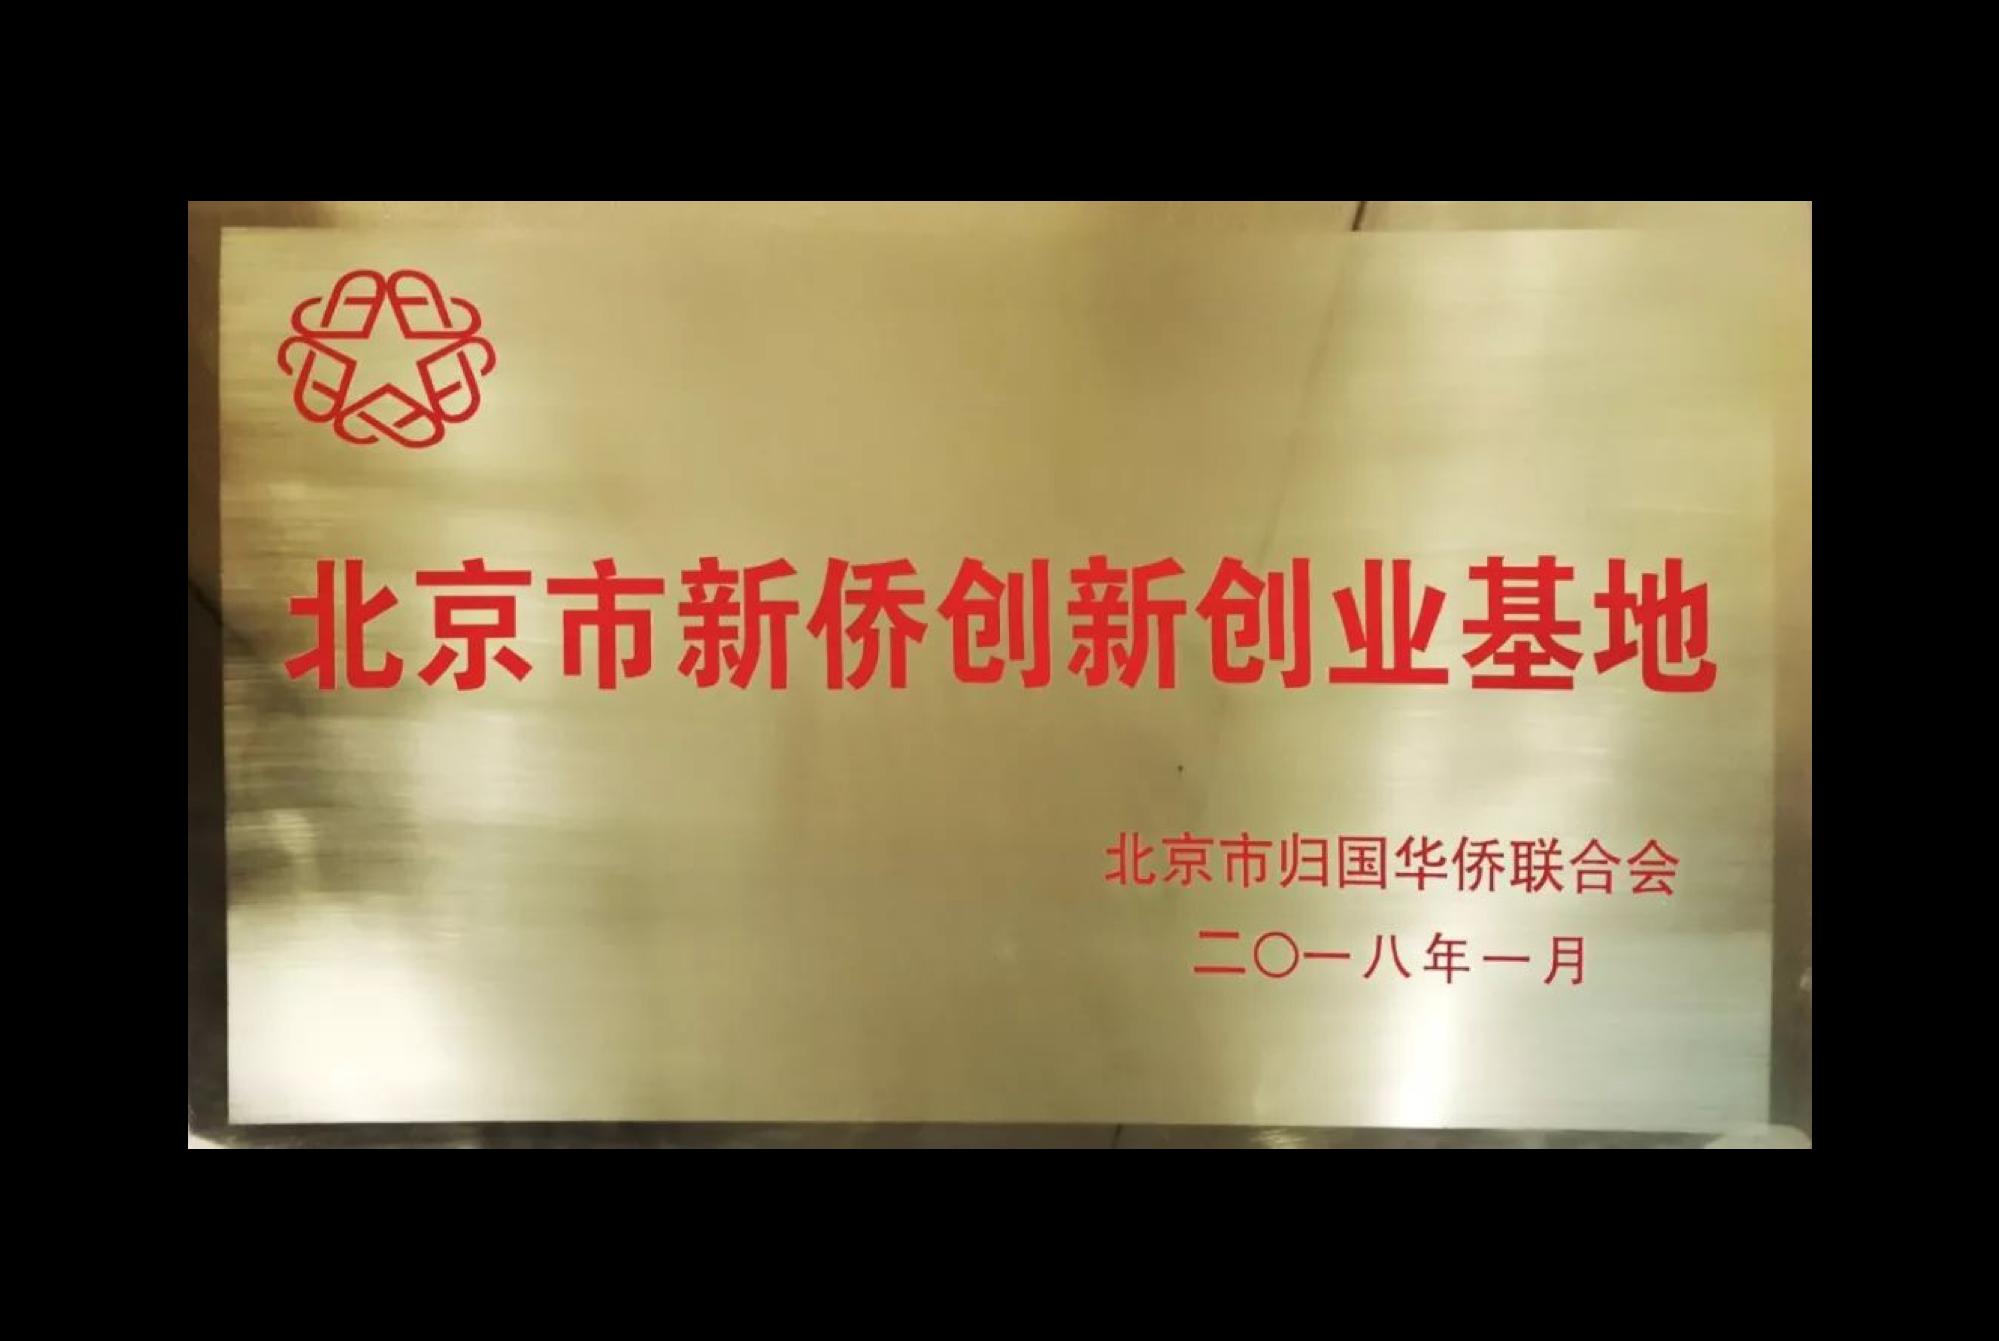 北京市新侨创新创业基地